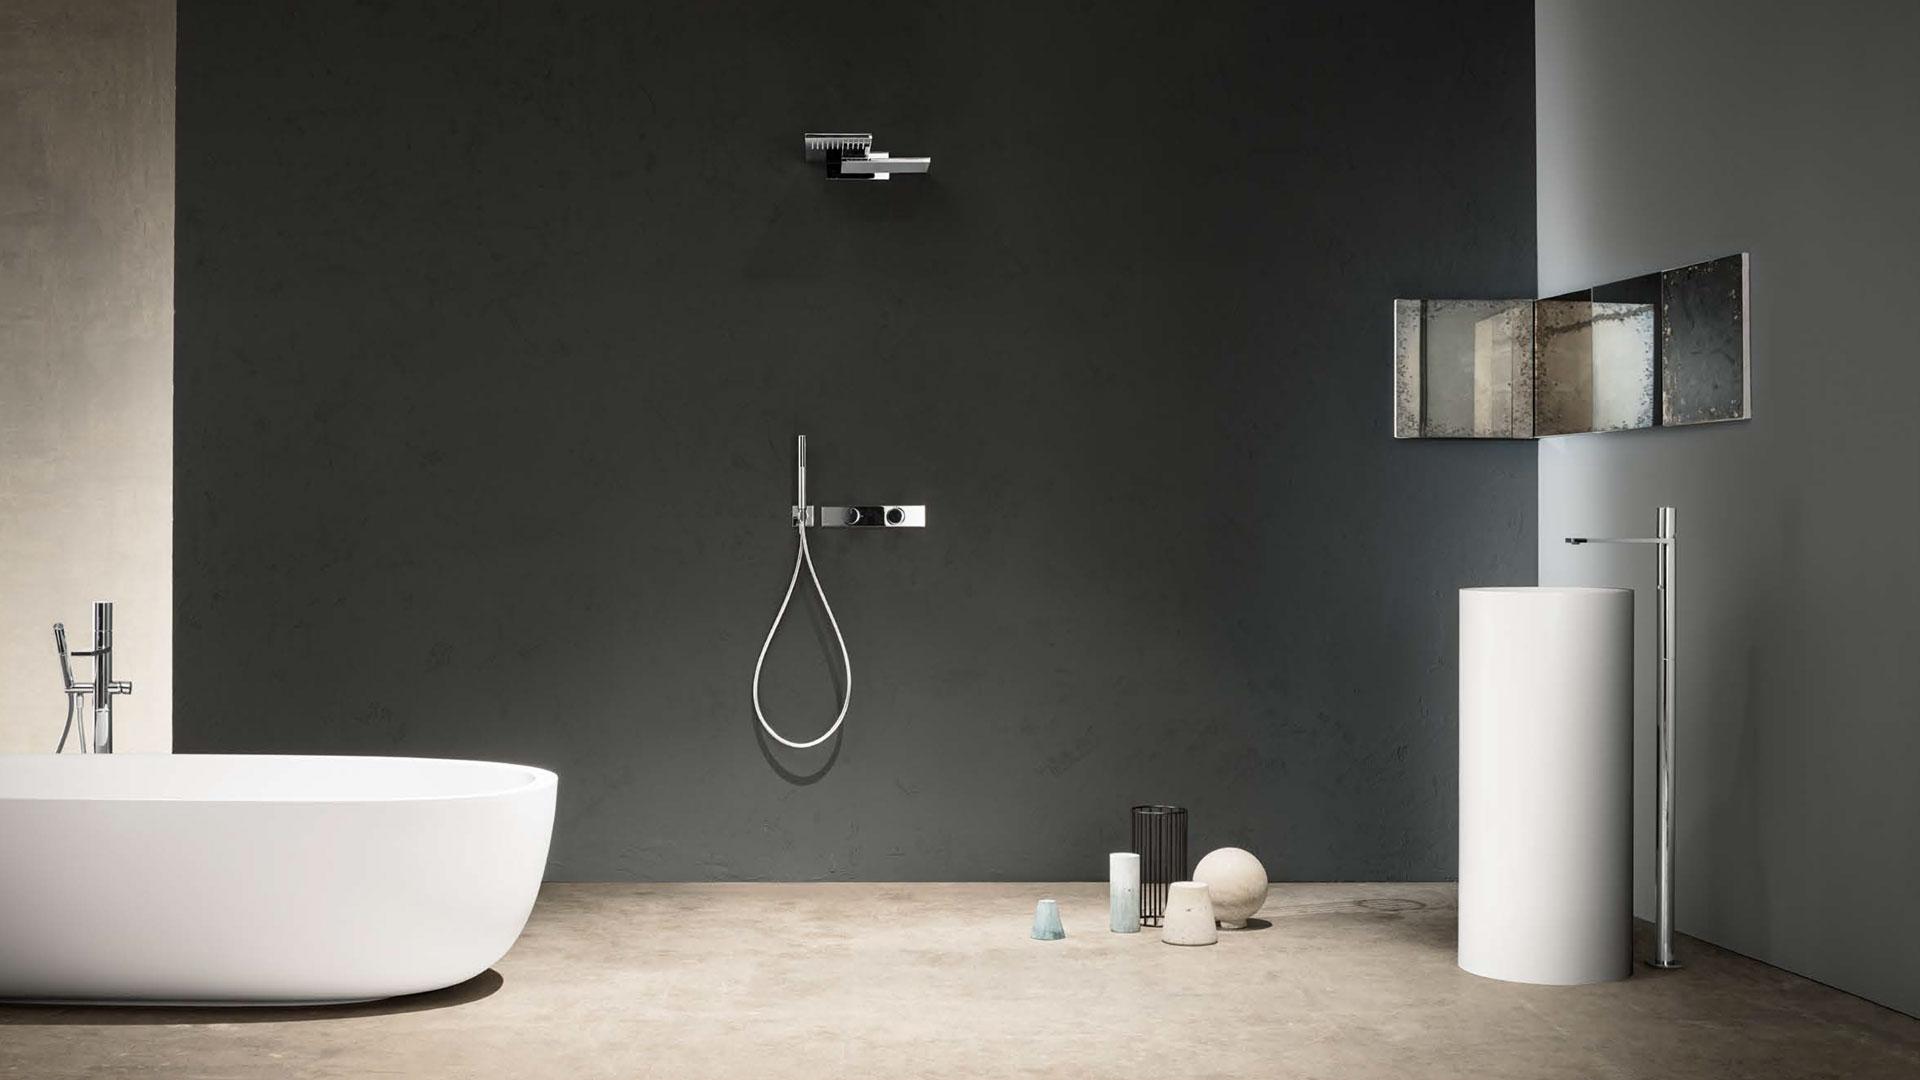 Renover Une Salle De Bain Soi Meme ~ accessoires divers pour la salle de bains